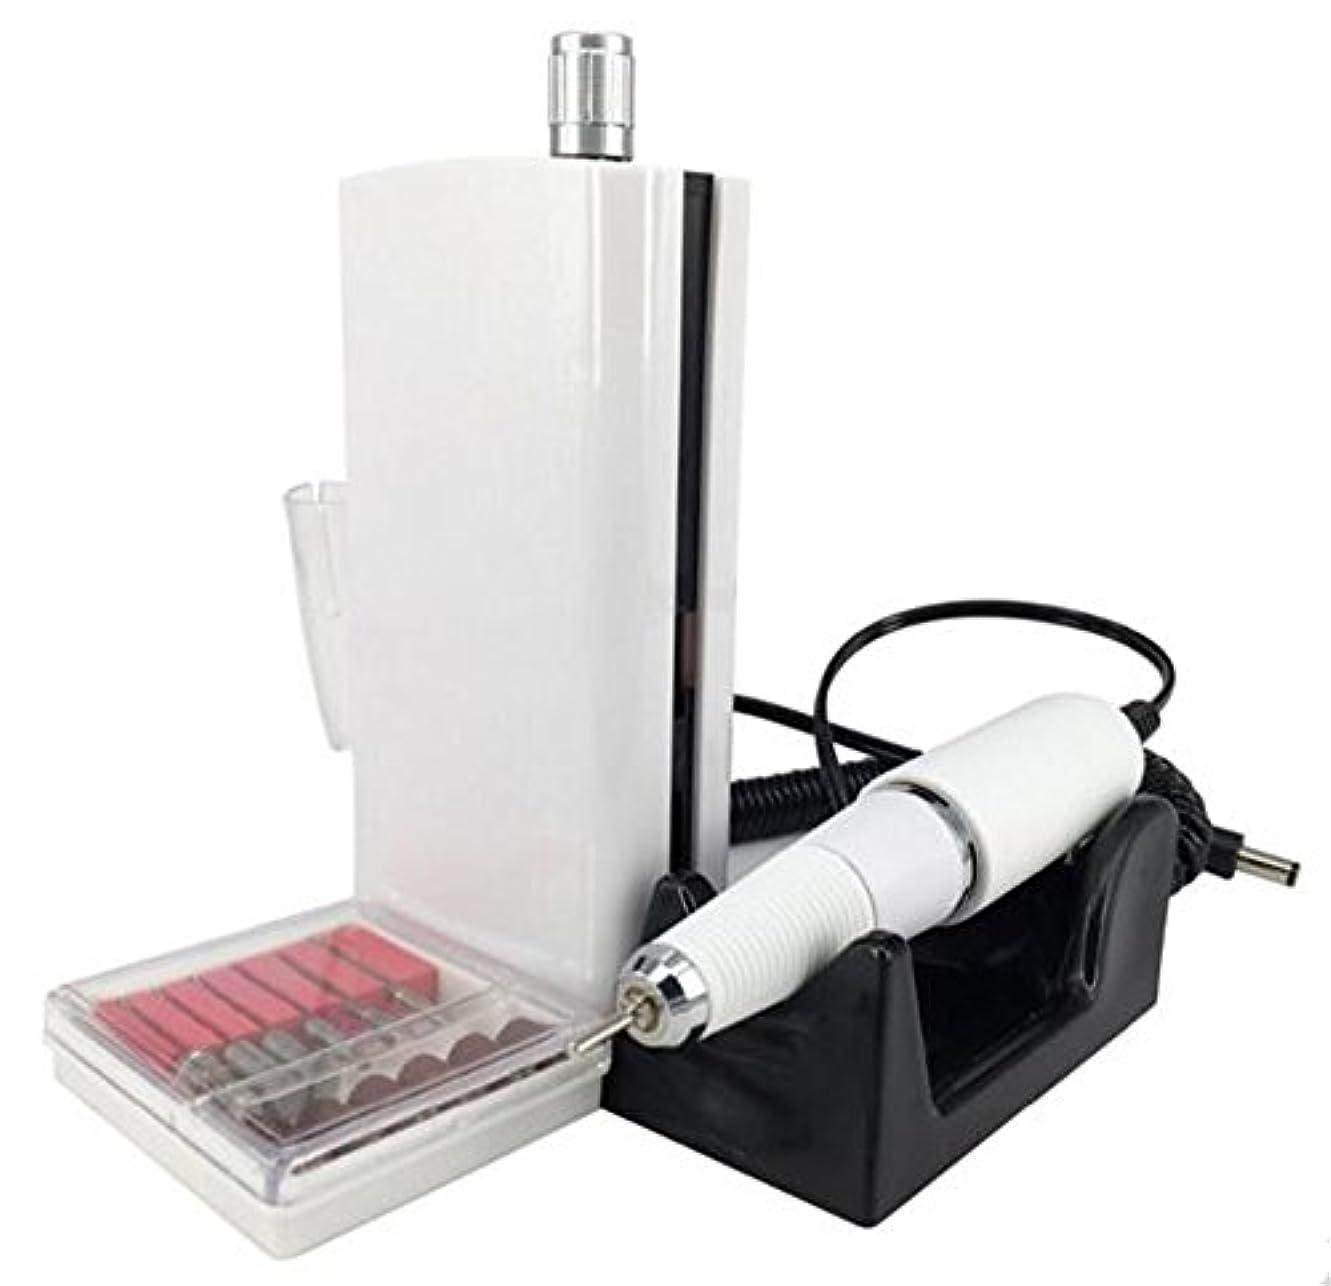 驚いたマーチャンダイザー安定UZMEIマニキュアとペディキュア用具30000RPM 充電式電気ネイルドリルプロフェッショナルまたは家庭用の6pcドリルビット付き